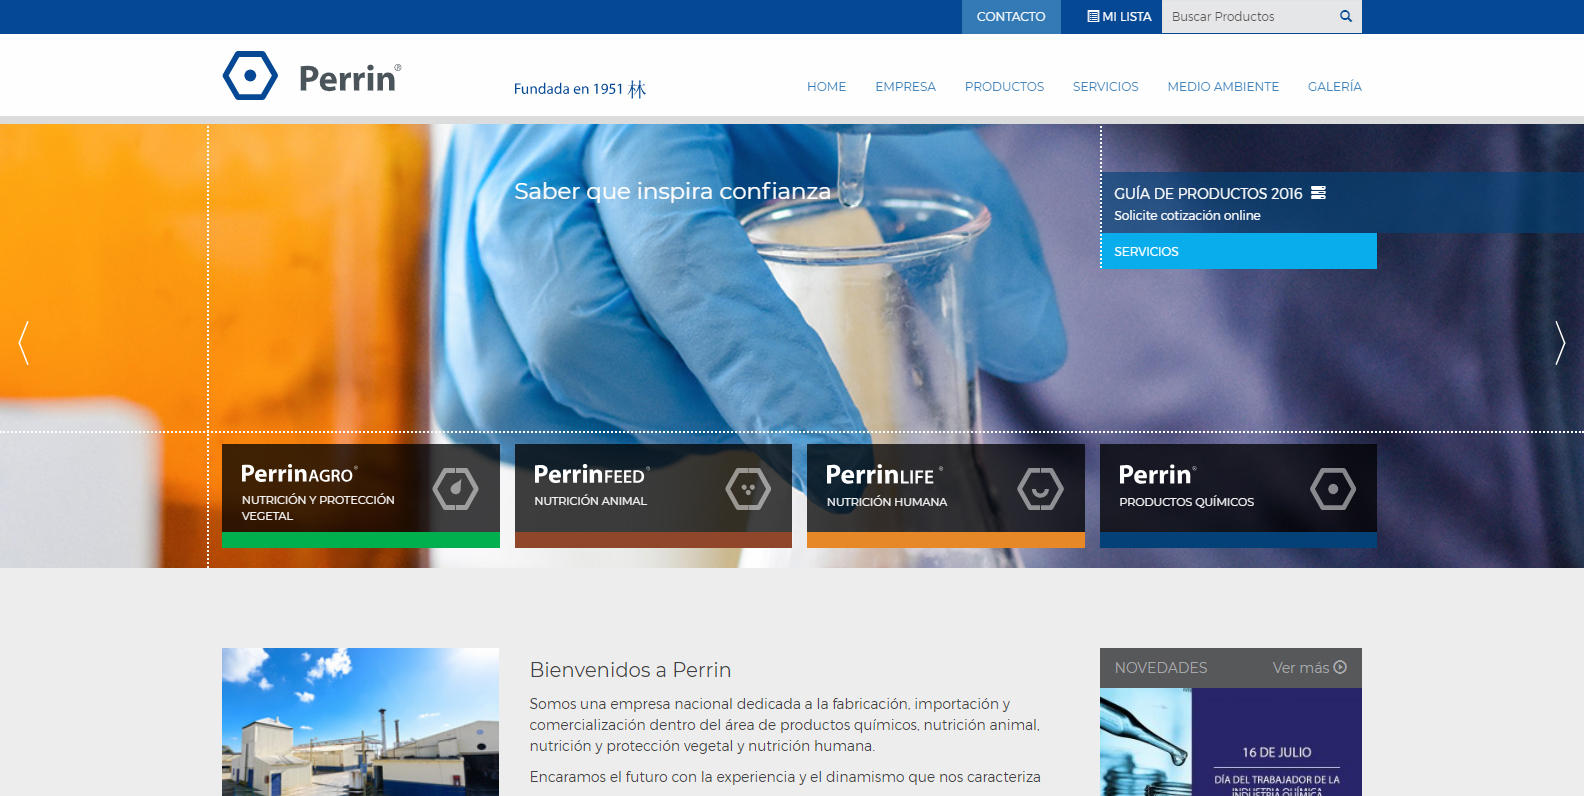 Perrin - Laboratorio de productos químicos